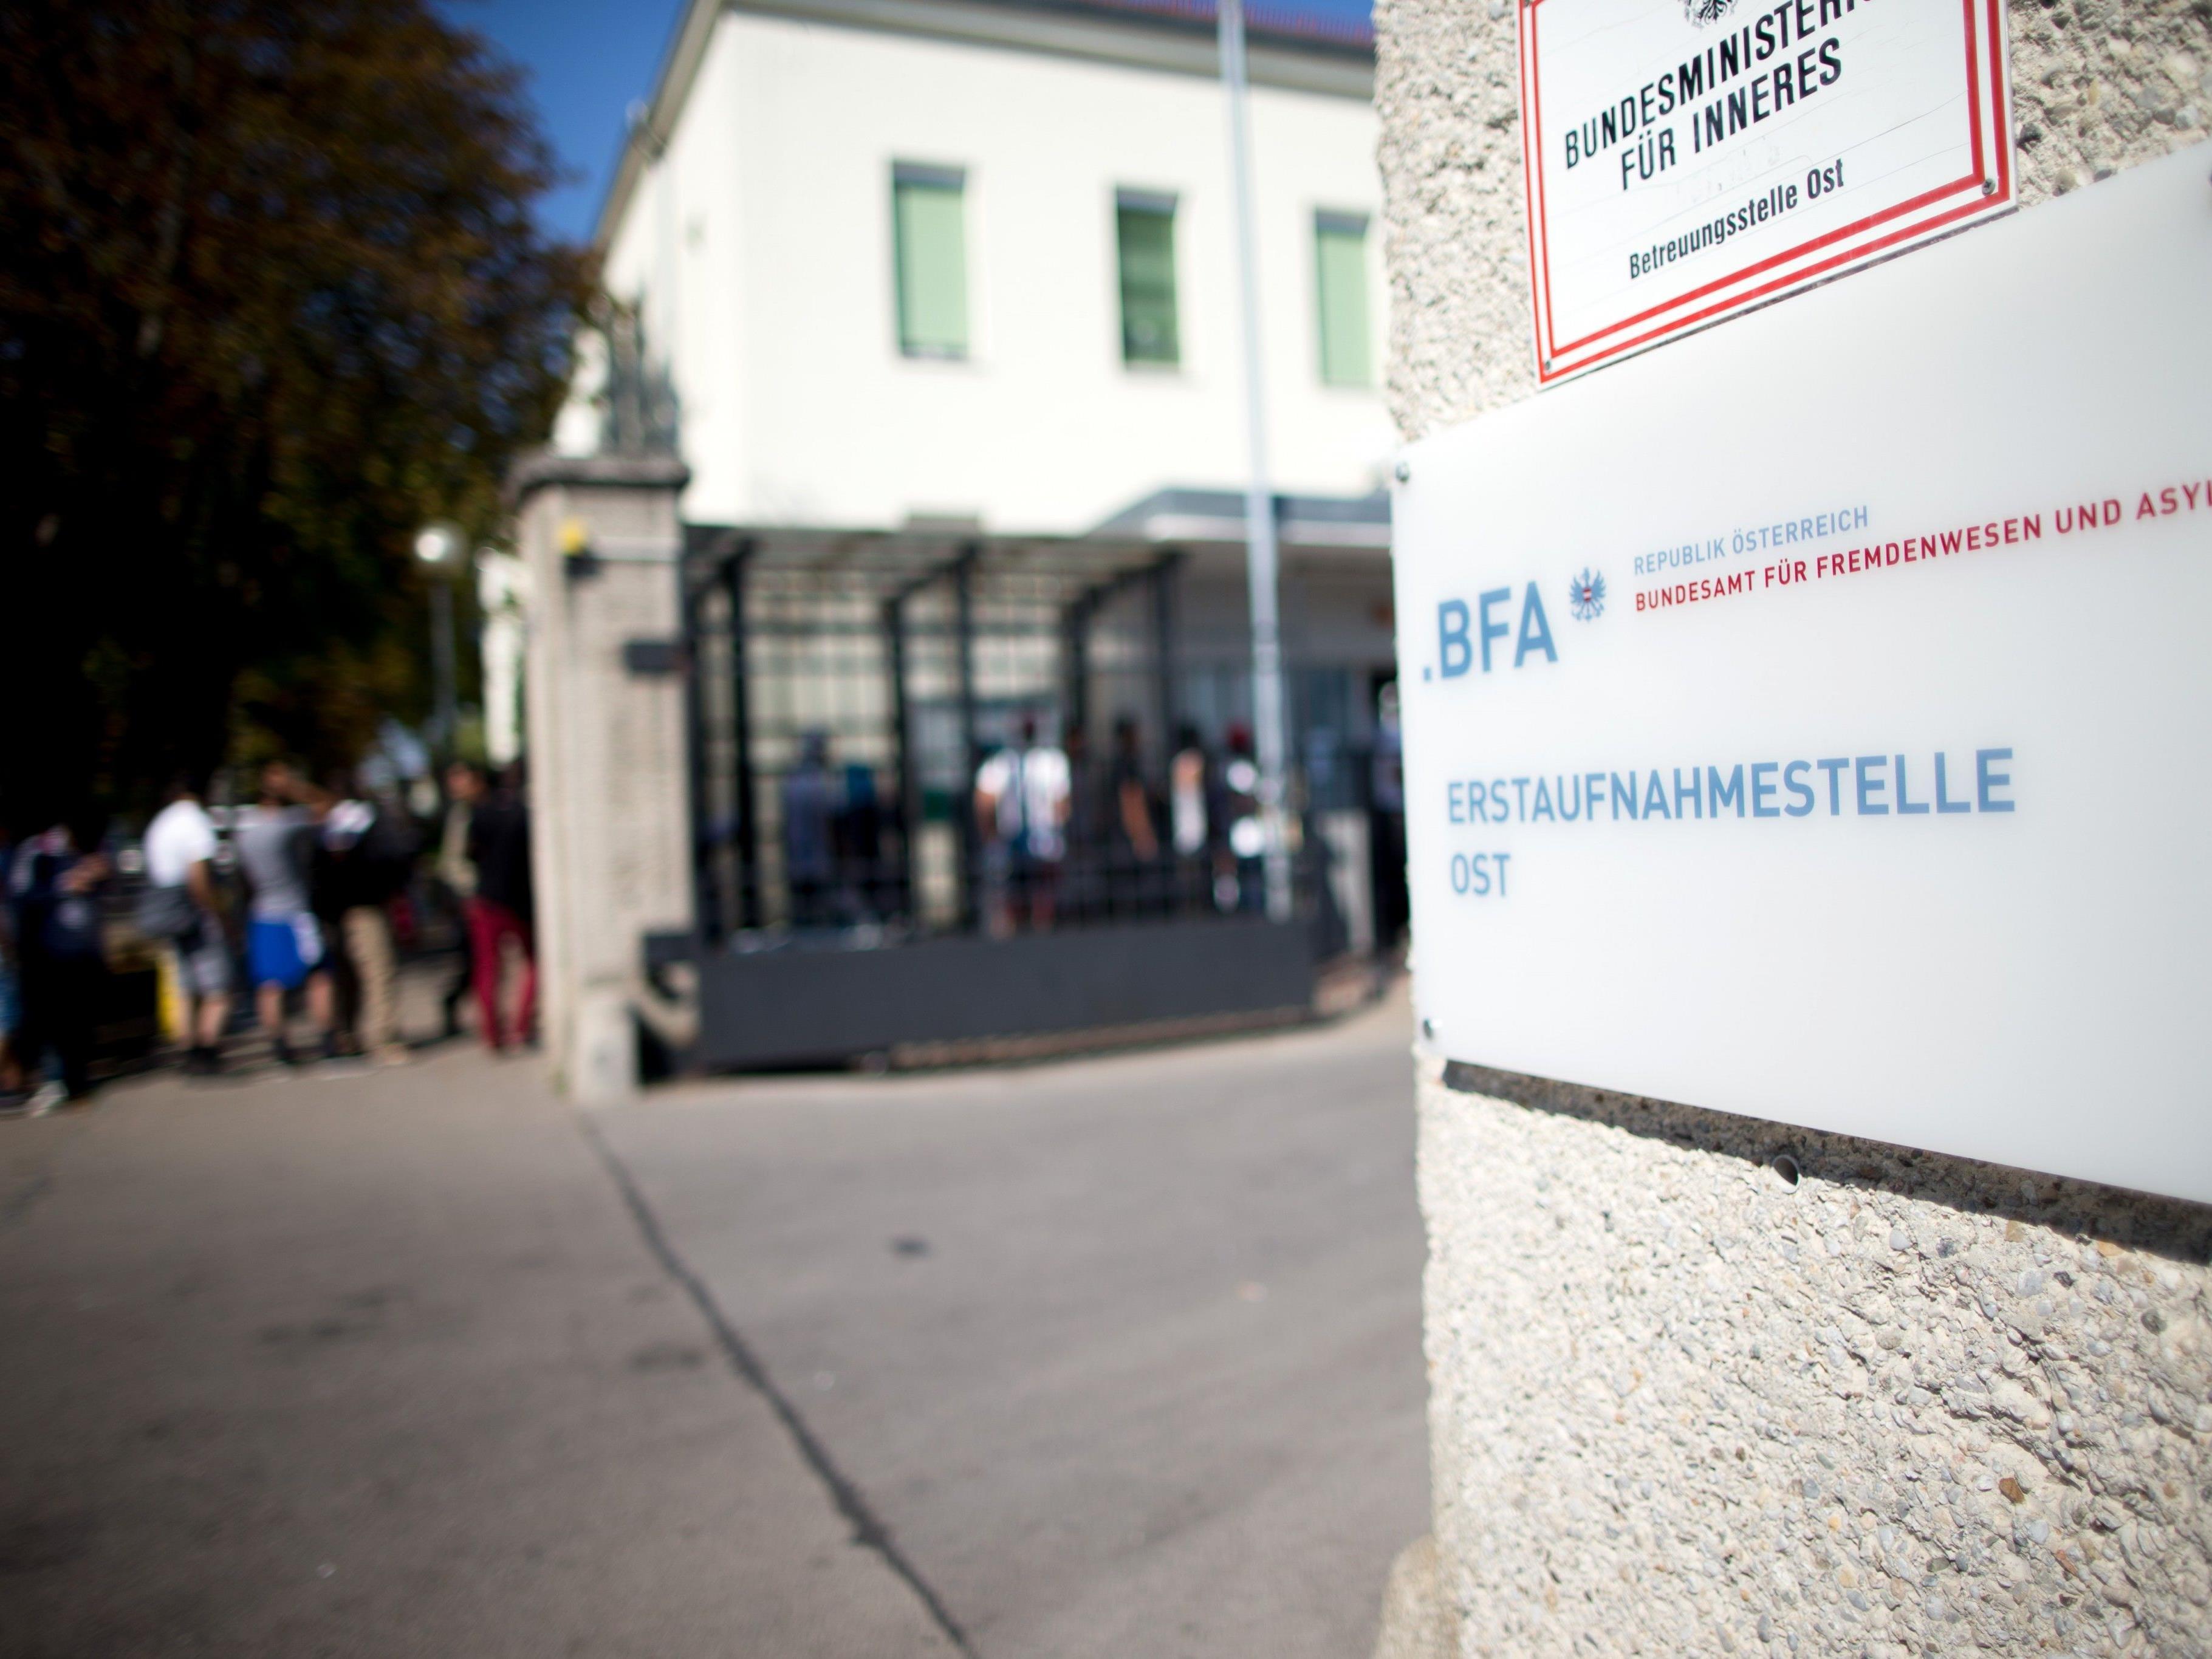 Die Zahl der Asylanträge in Österreich ist derzeit weiter rückläufig